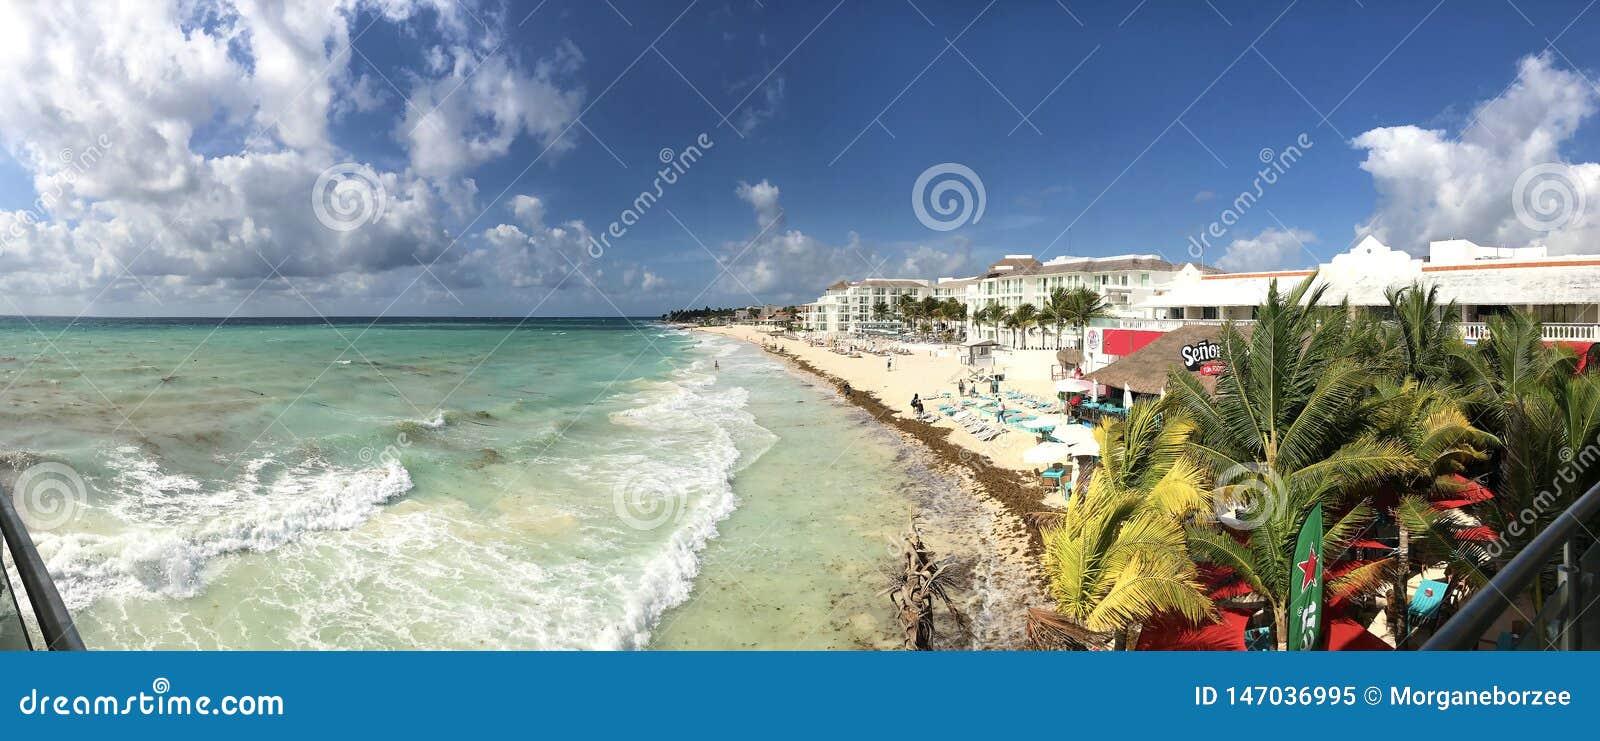 Vista panorámica de la playa, de los hoteles y de la barra de la turquesa